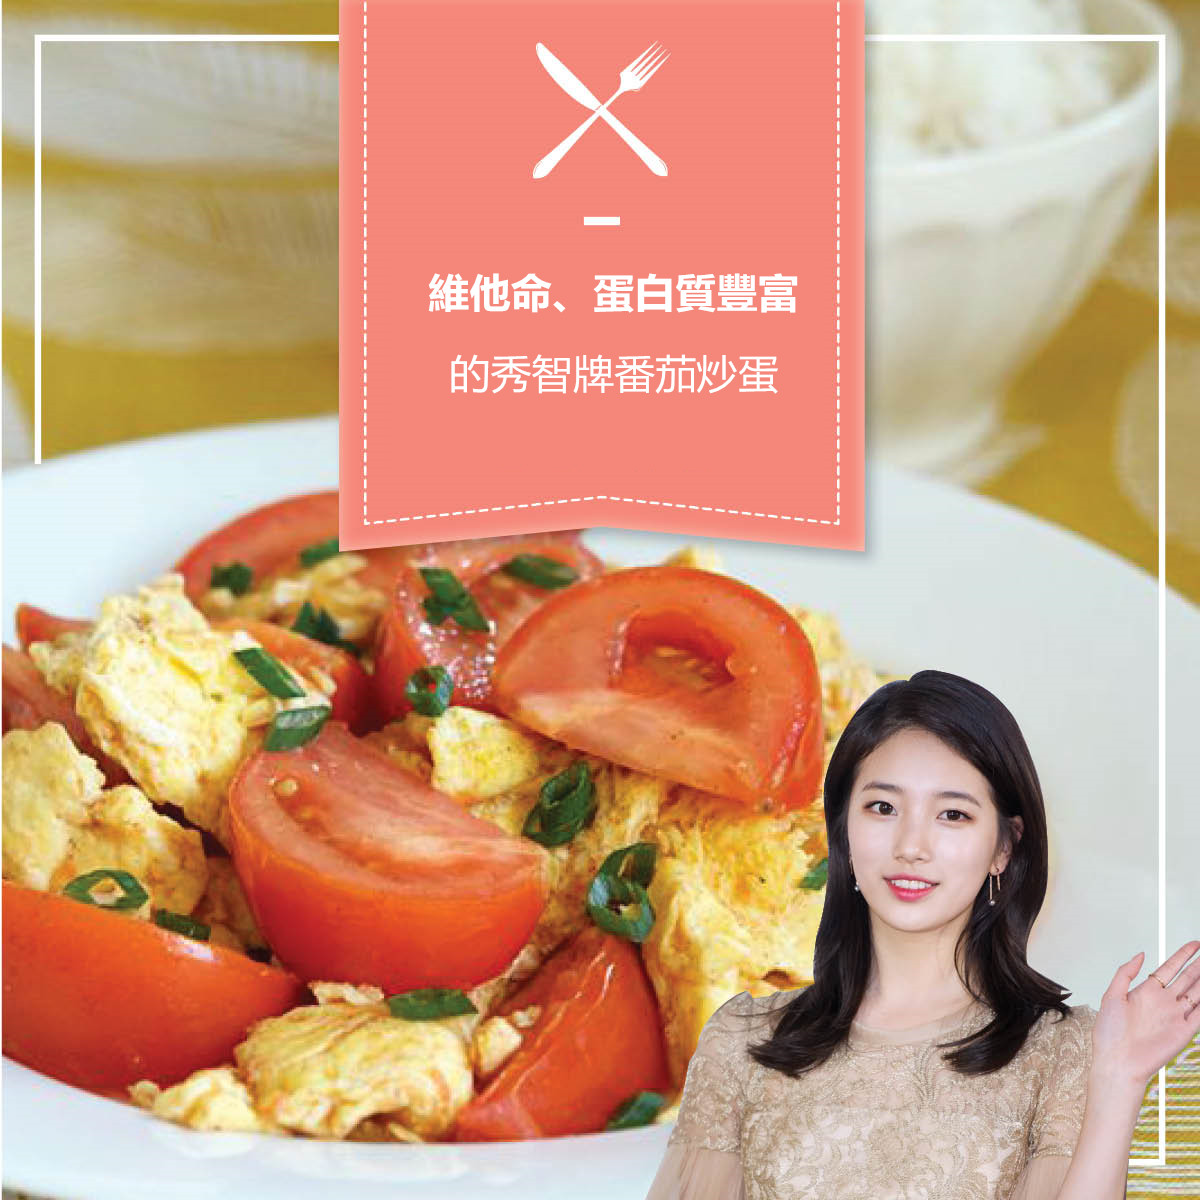 首先要跟大家分享的是秀智在電視節目中公開的超簡單減肥食譜:番茄炒蛋!